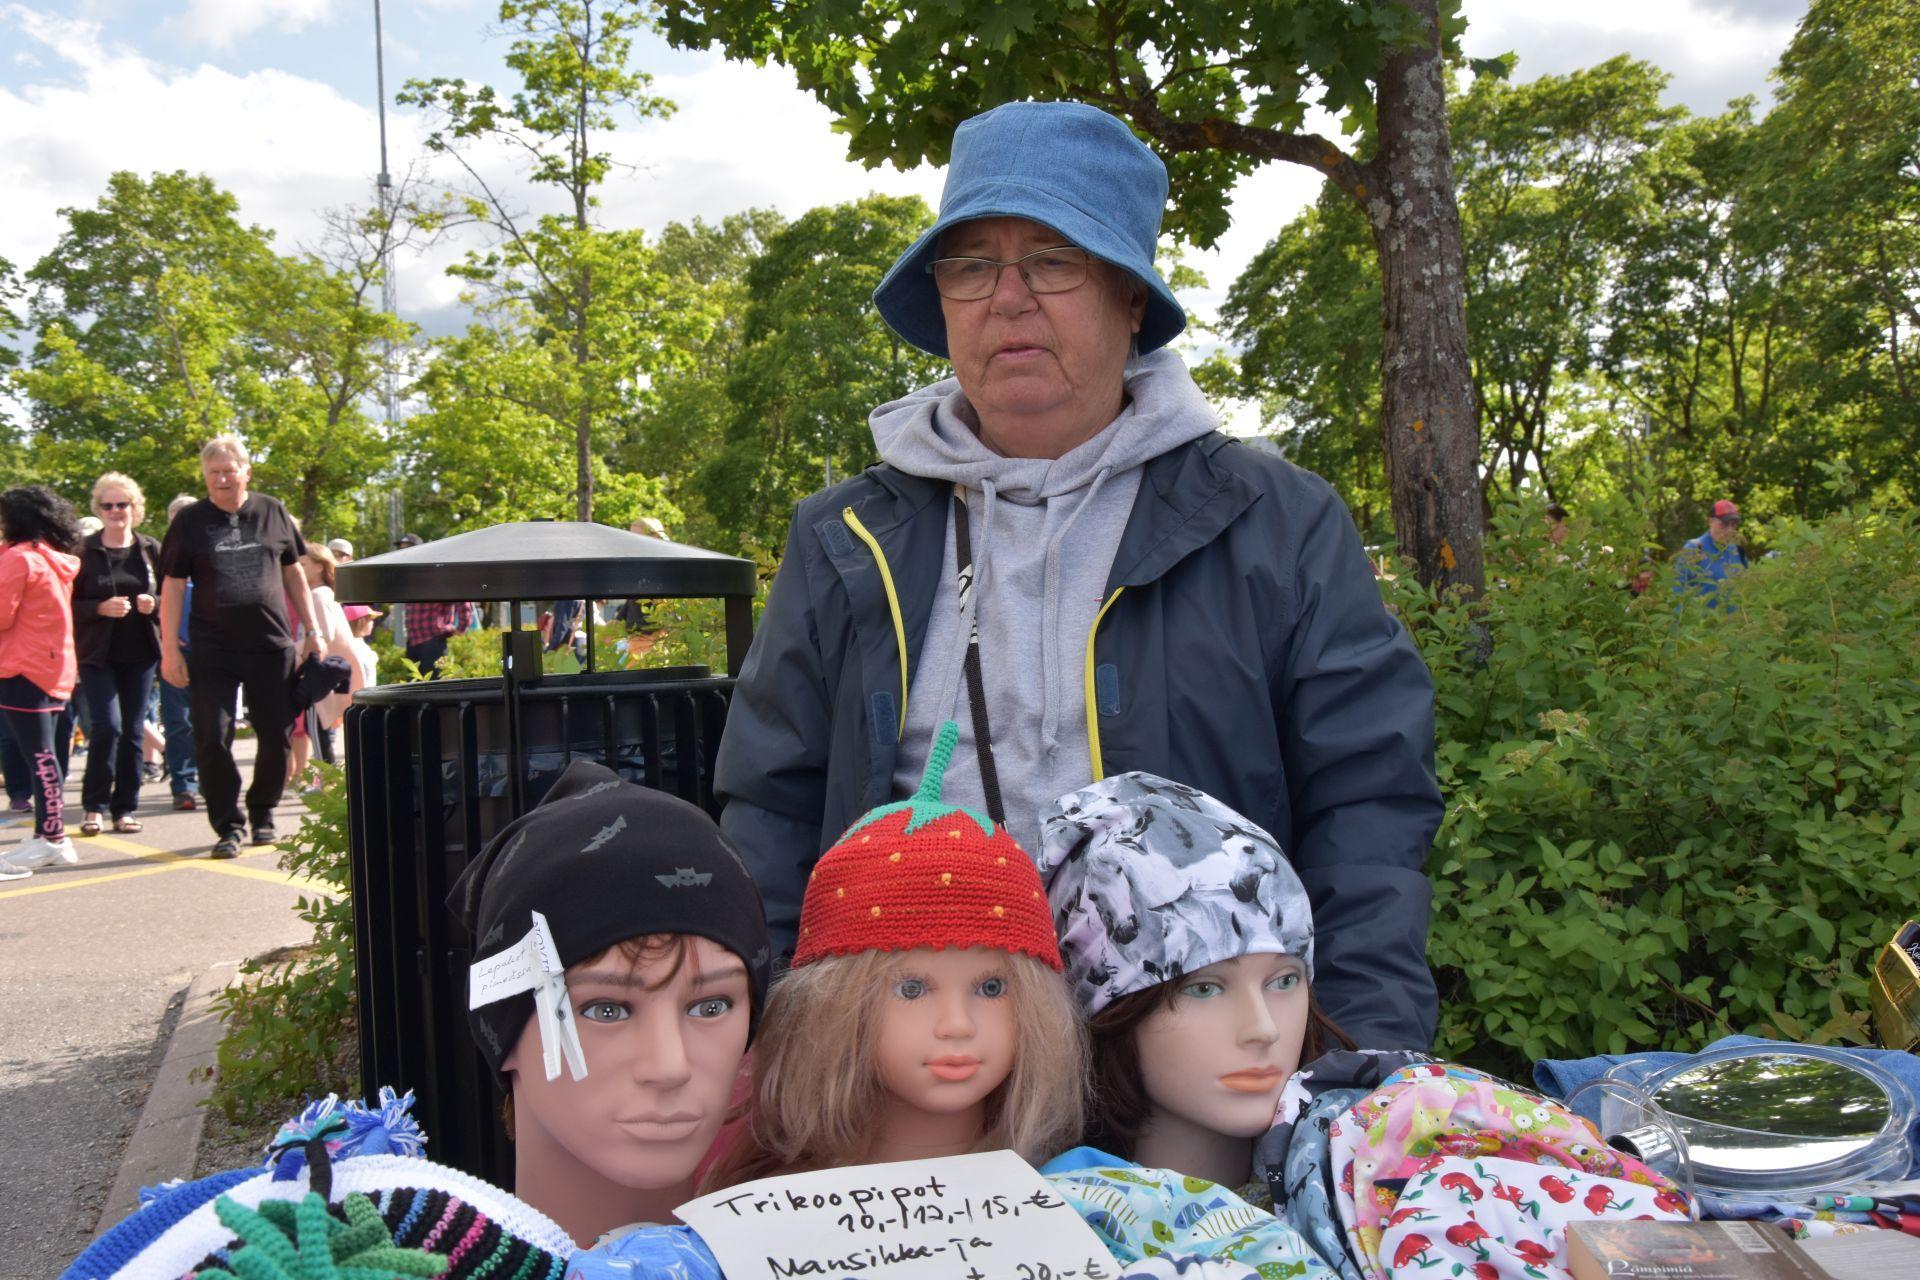 En äldre dam står vid ett bord där ett utbud av hattar finns framställt. Tre mannekäng huvuden med olika hattar på står på bordet.